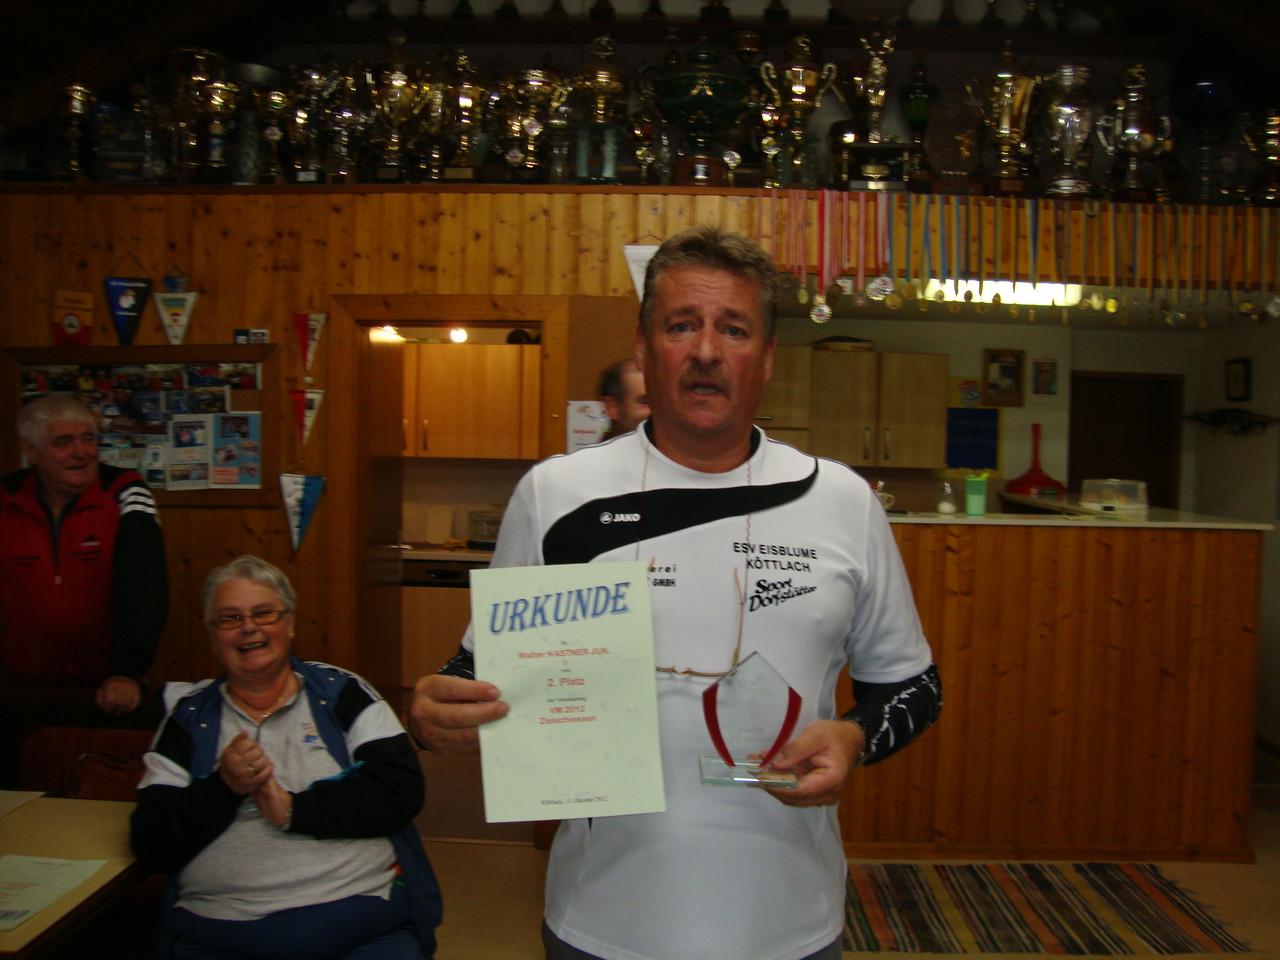 Vereinsmeisterschaften 2012 - Köttlach - 13. Oktober 2012